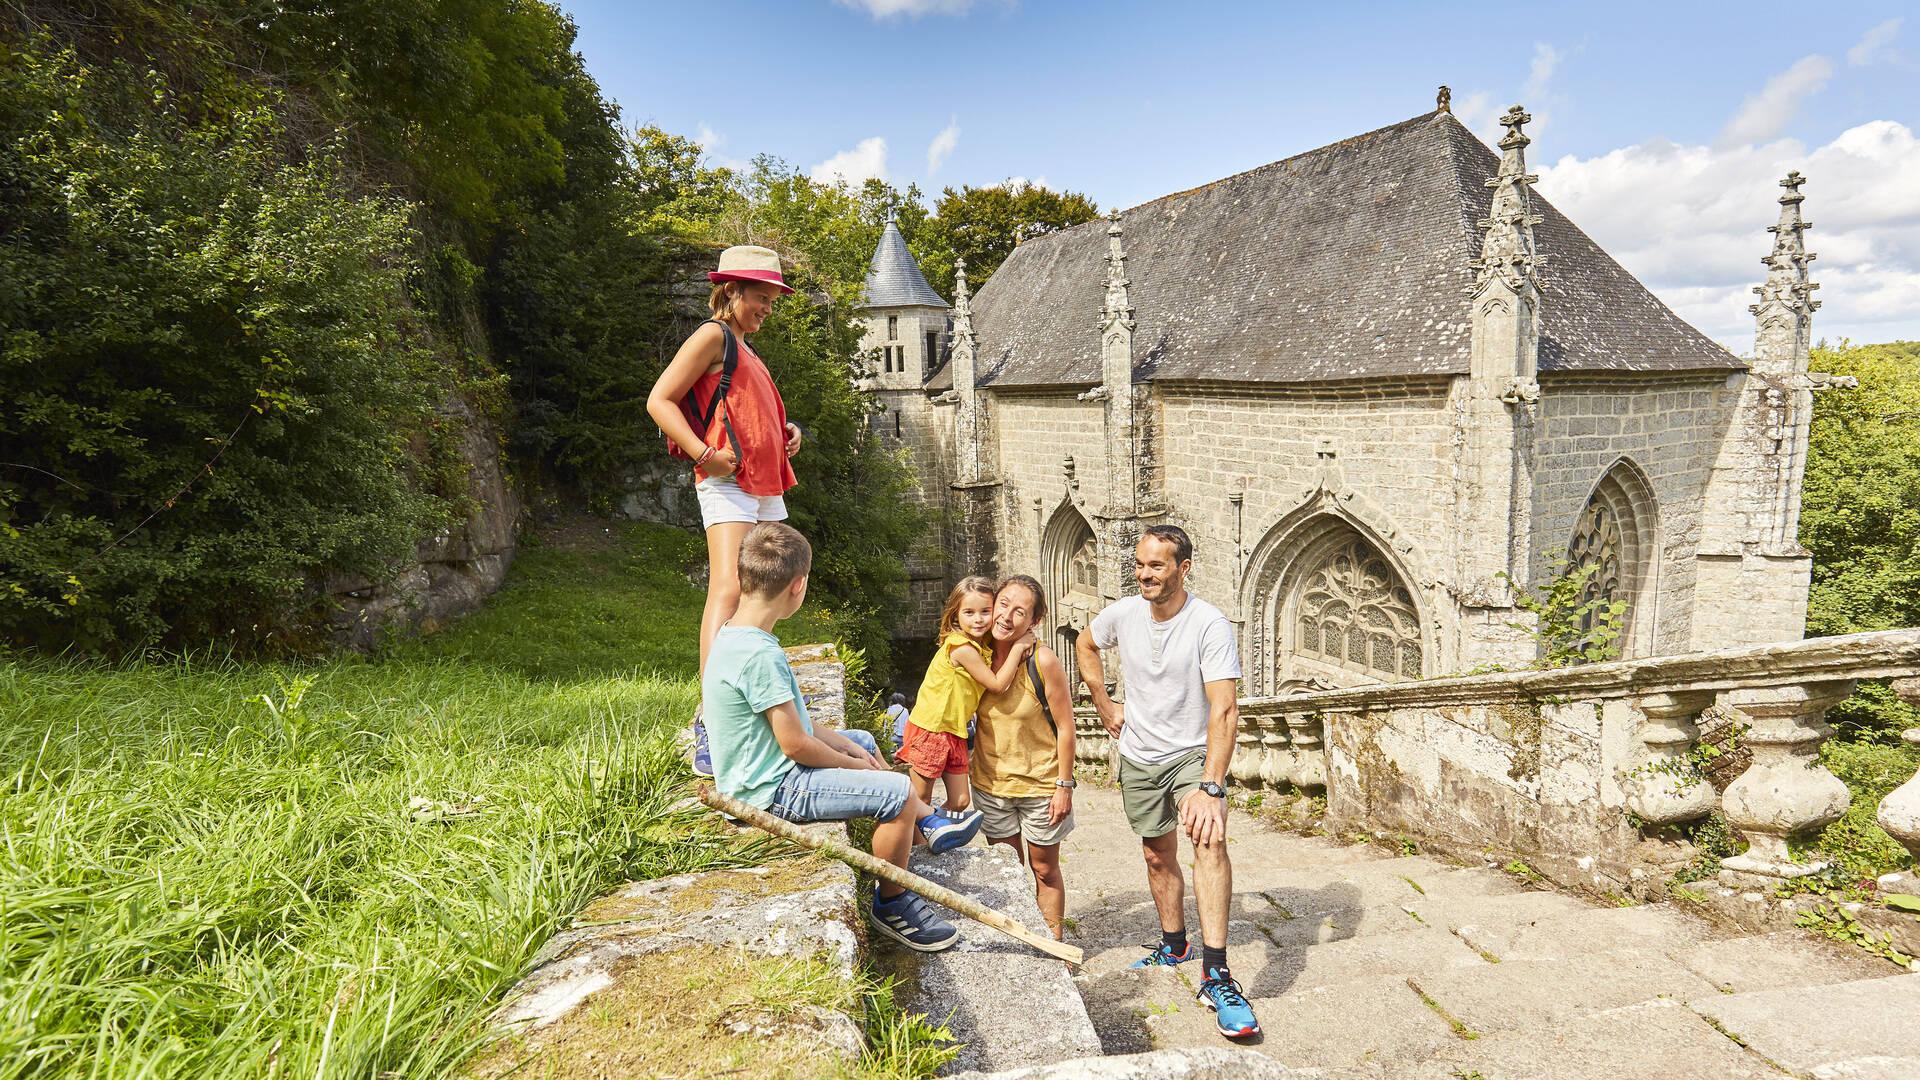 Balade en famille à la chapelle Sainte-Barbe © Alexandre Lamoureux